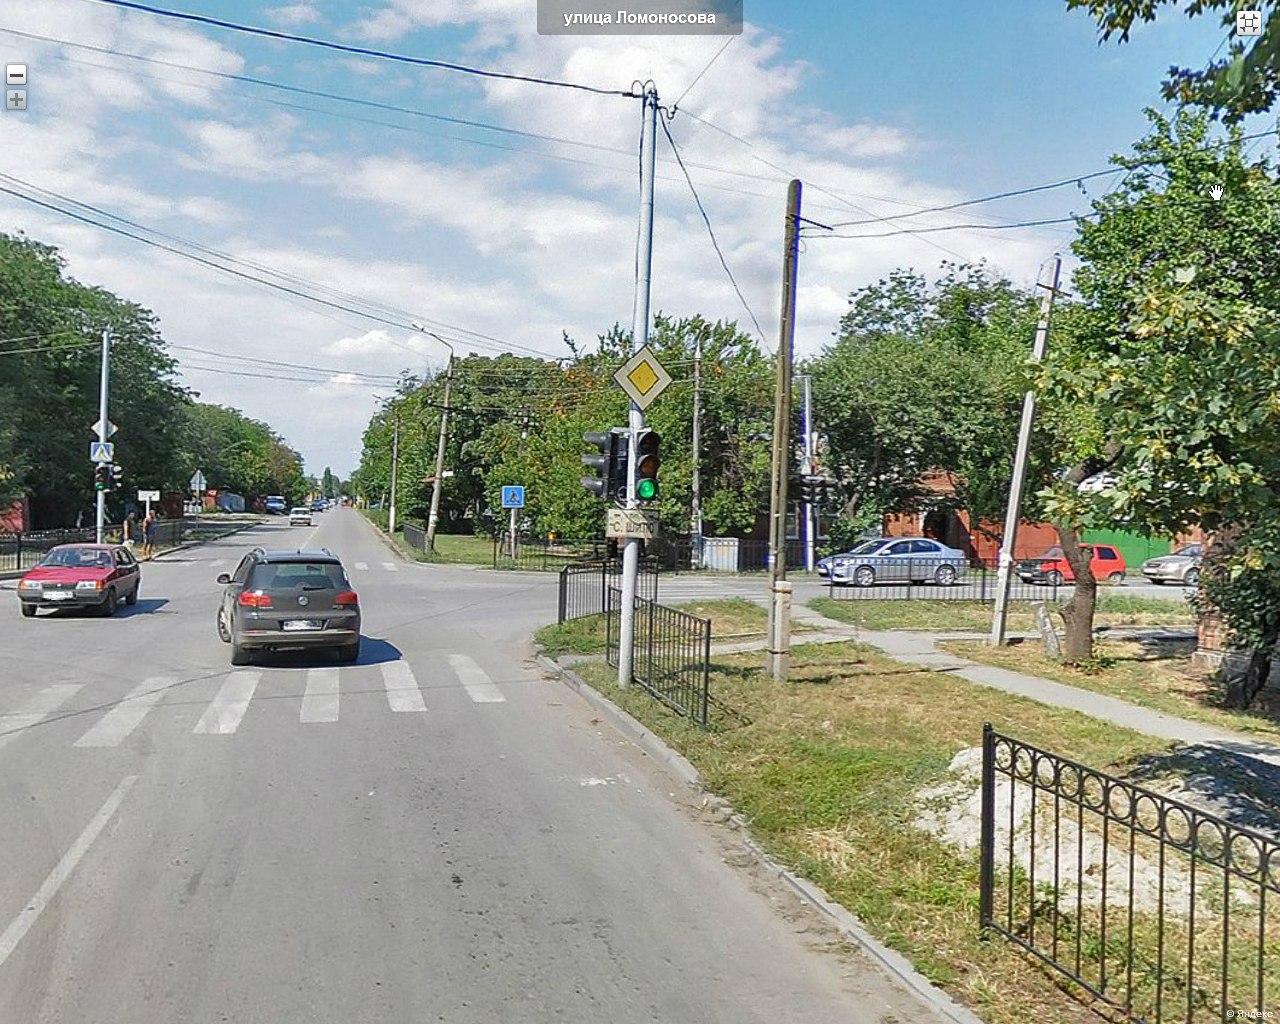 В Таганроге на улице Ломоносова сбили женщину